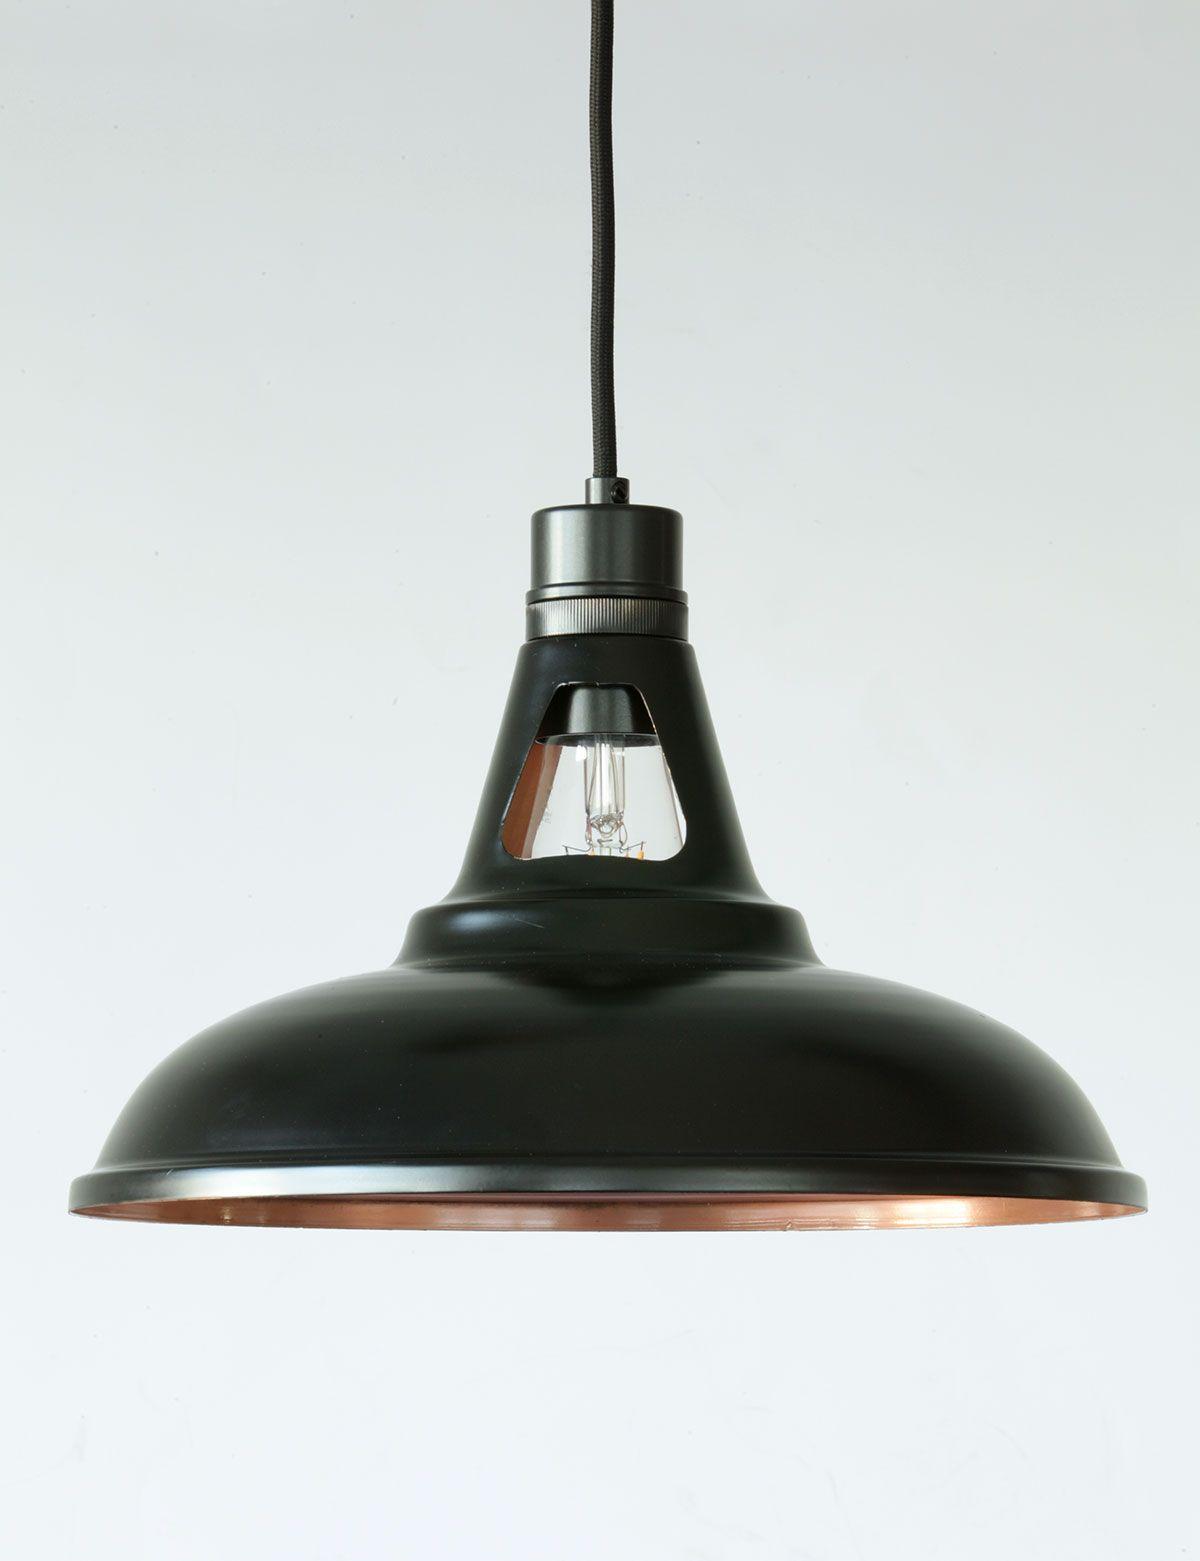 Pin auf Leuchten, Lamps, Licht, Lighting